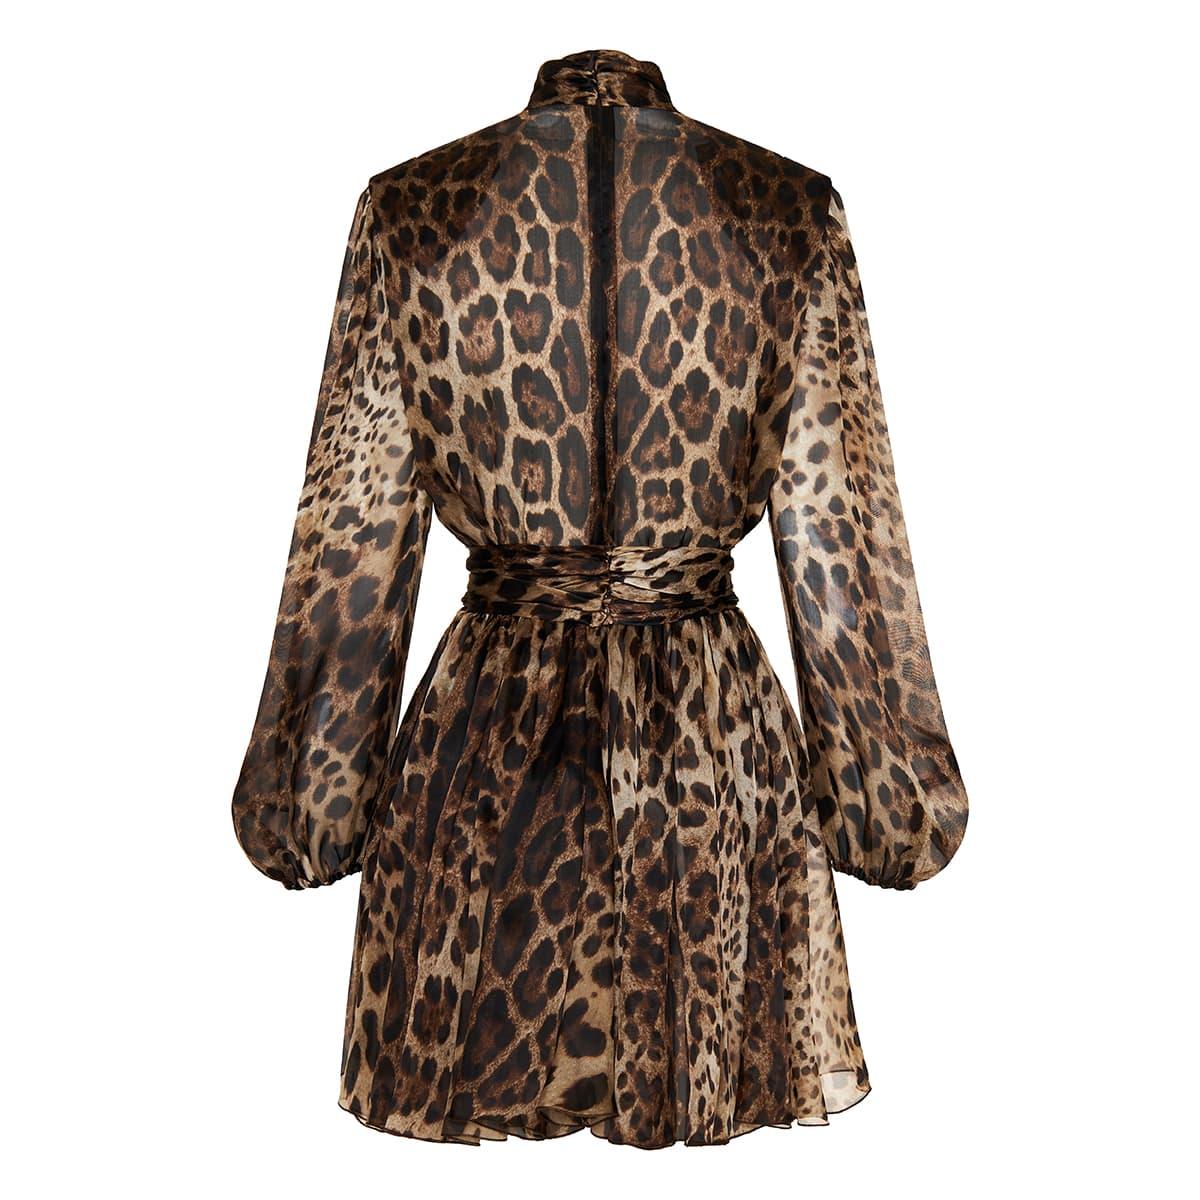 Bow-tie leopard print mini dress